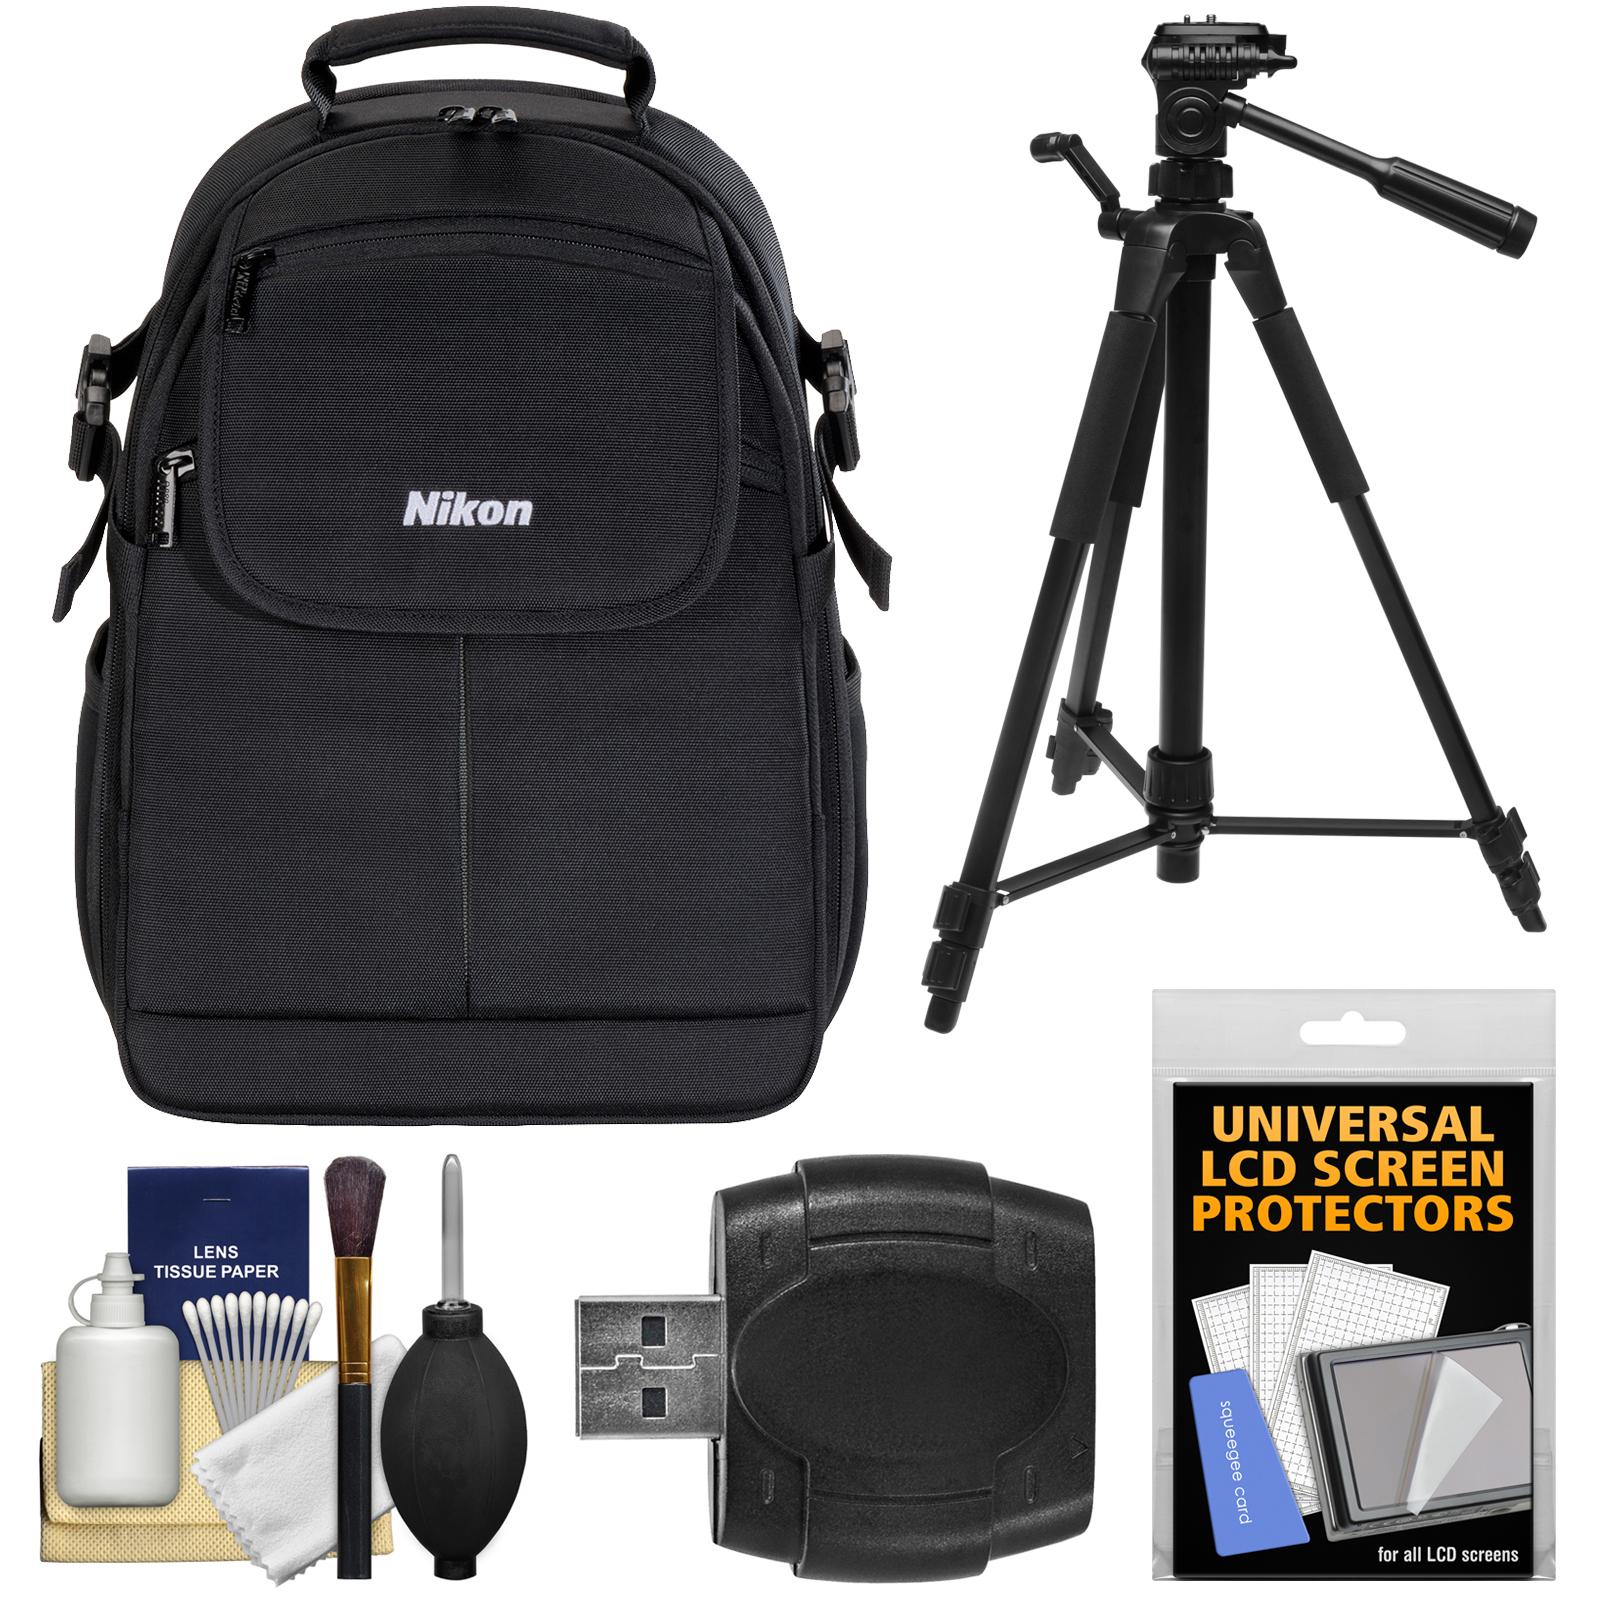 Nikon 17006 Compact DSLR Camera Backpack Case with Tripod + Kit for D3300, D3400, D5300, D5500, D7100, D7200, D610, D750, D810